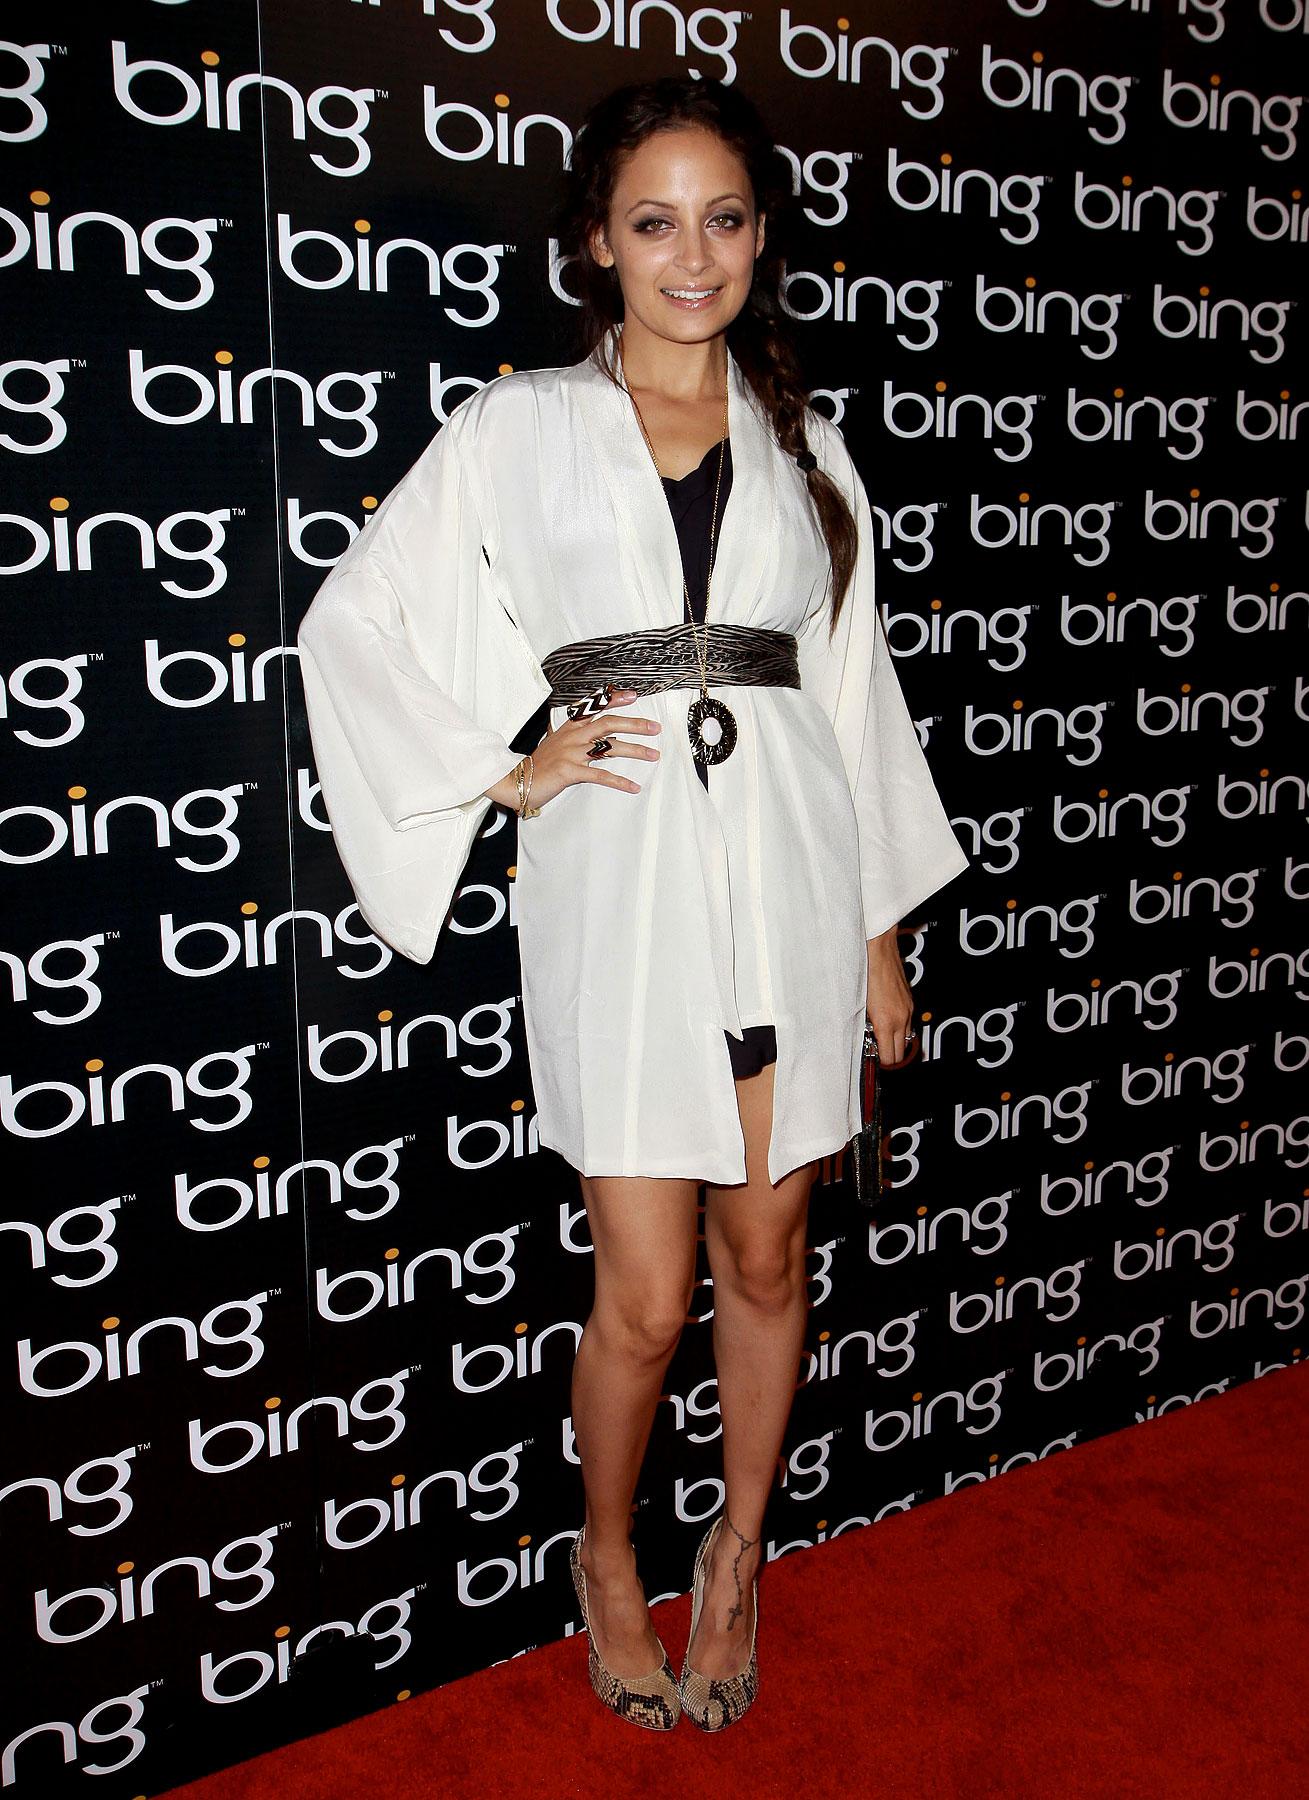 Fashion FTW: Nicole Richie Rocks The Kimono (PHOTOS)